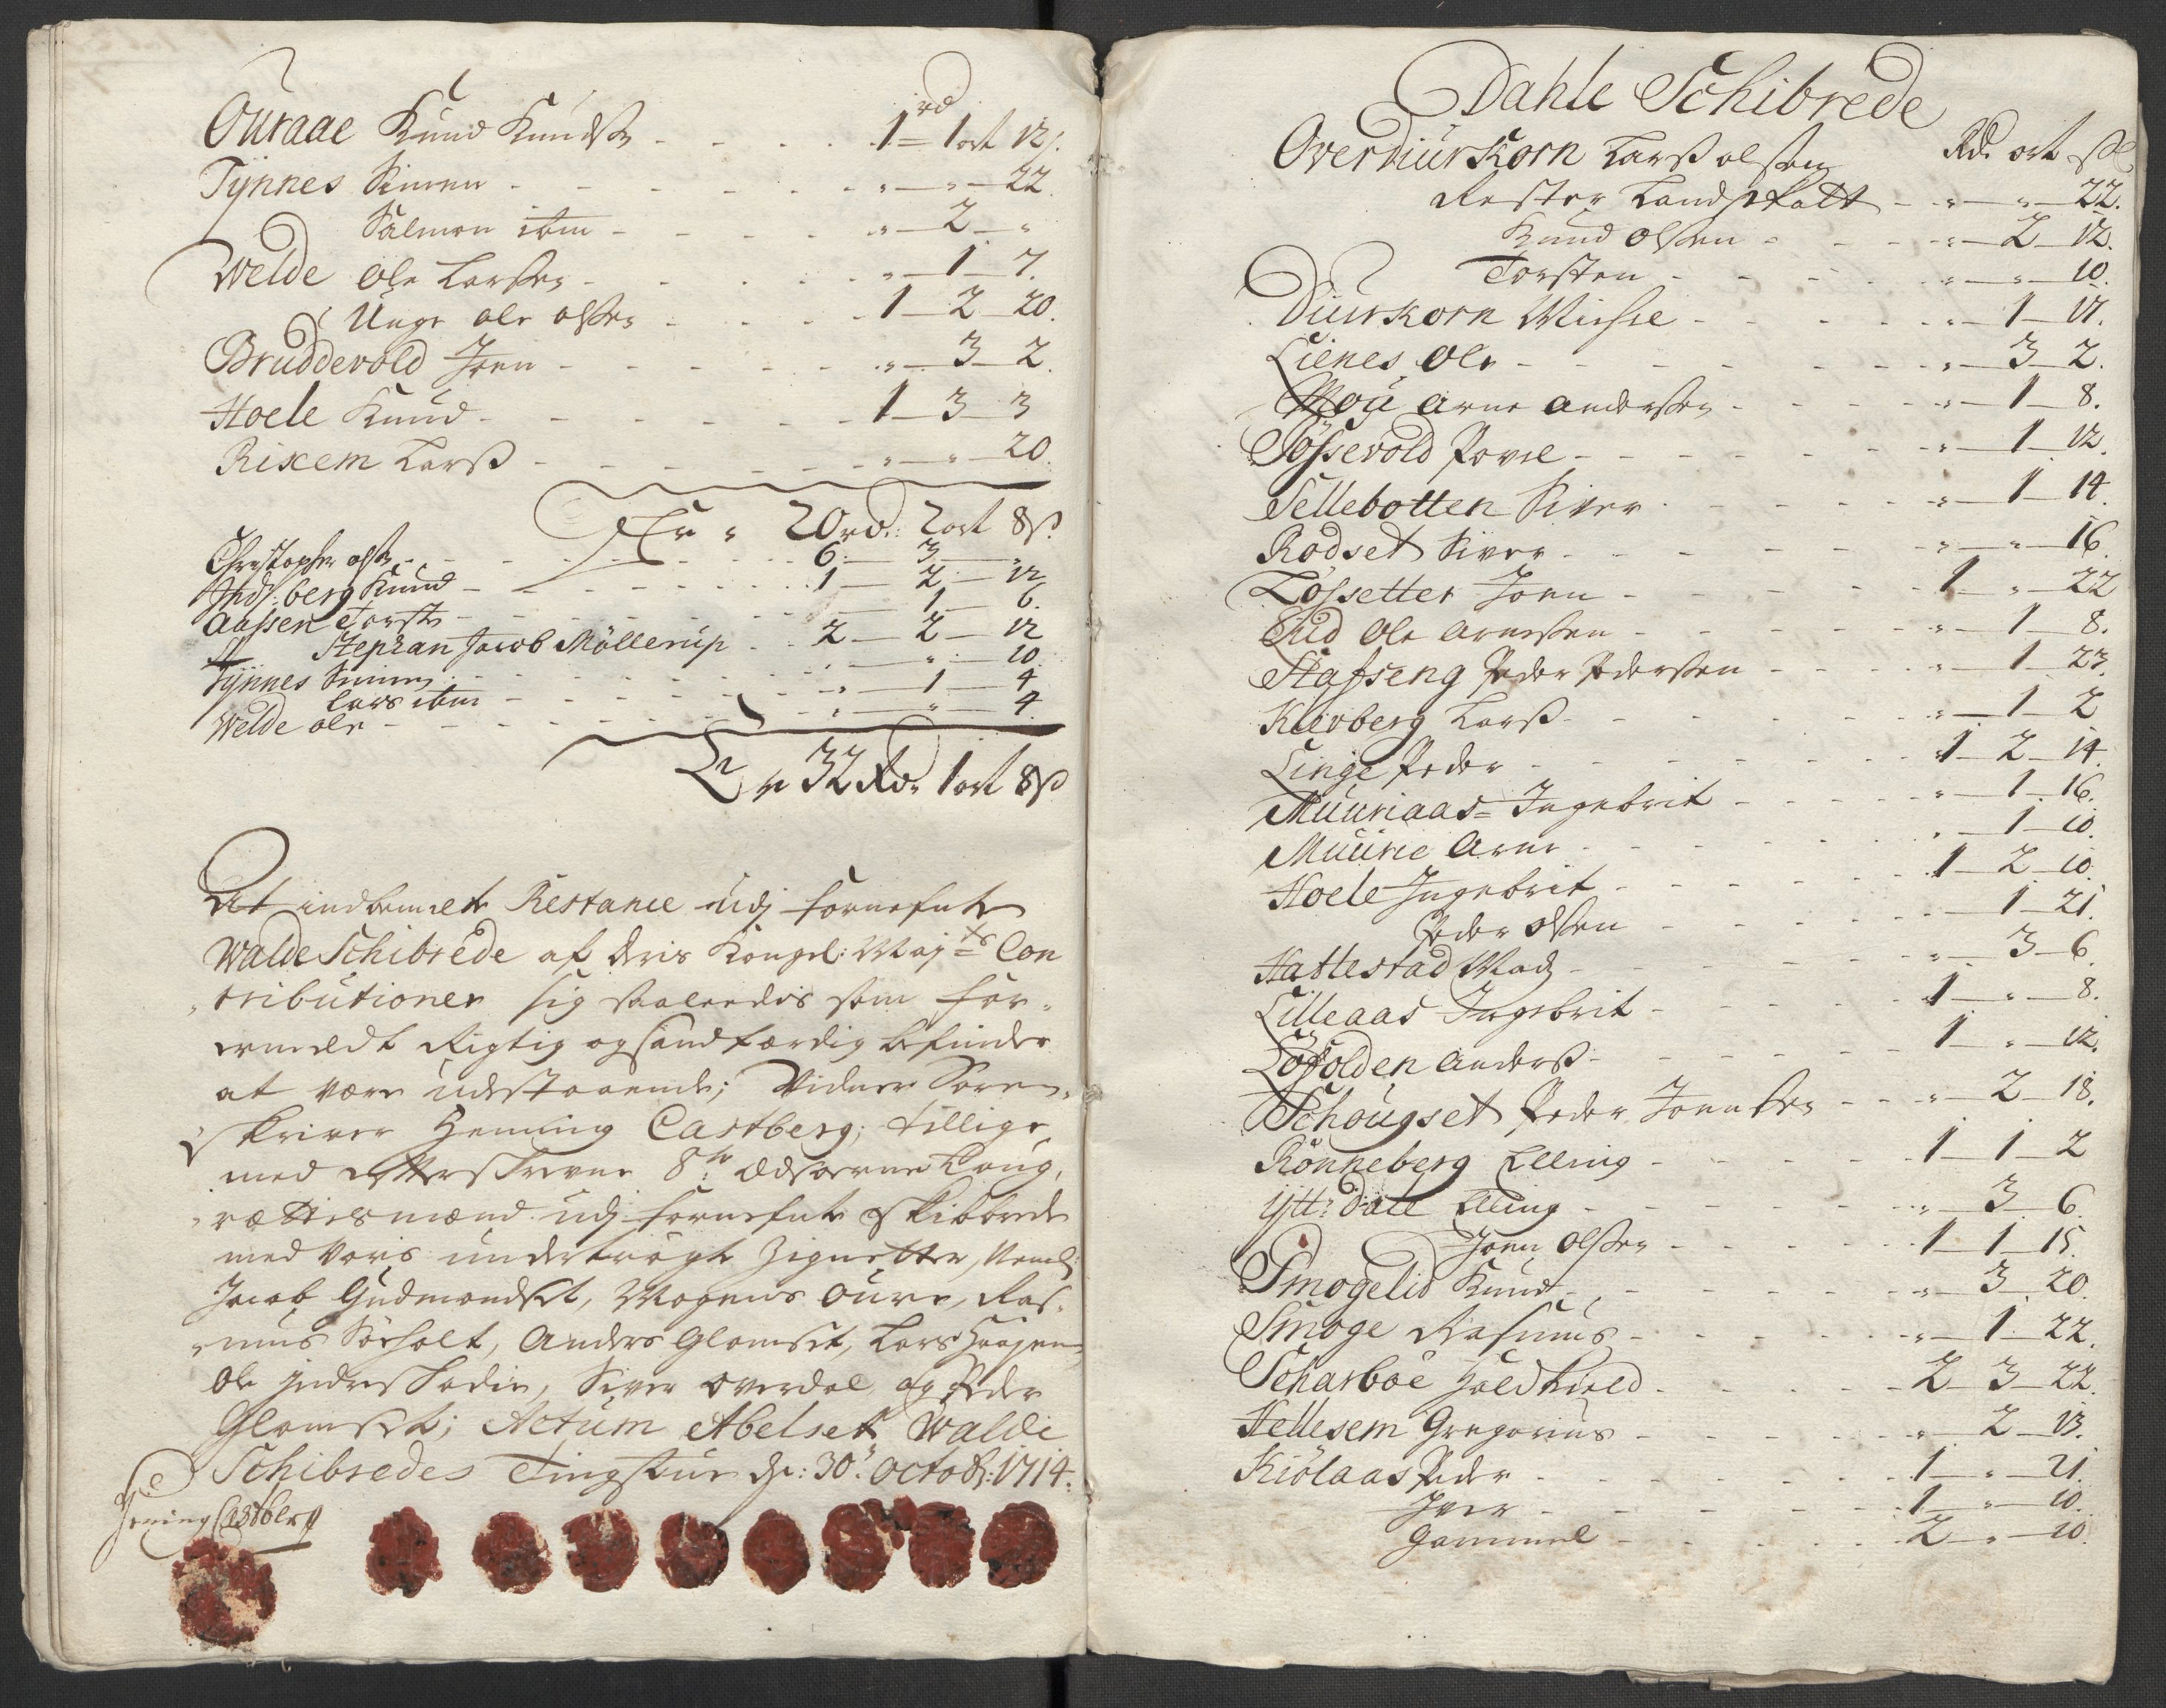 RA, Rentekammeret inntil 1814, Reviderte regnskaper, Fogderegnskap, R54/L3566: Fogderegnskap Sunnmøre, 1714, s. 272